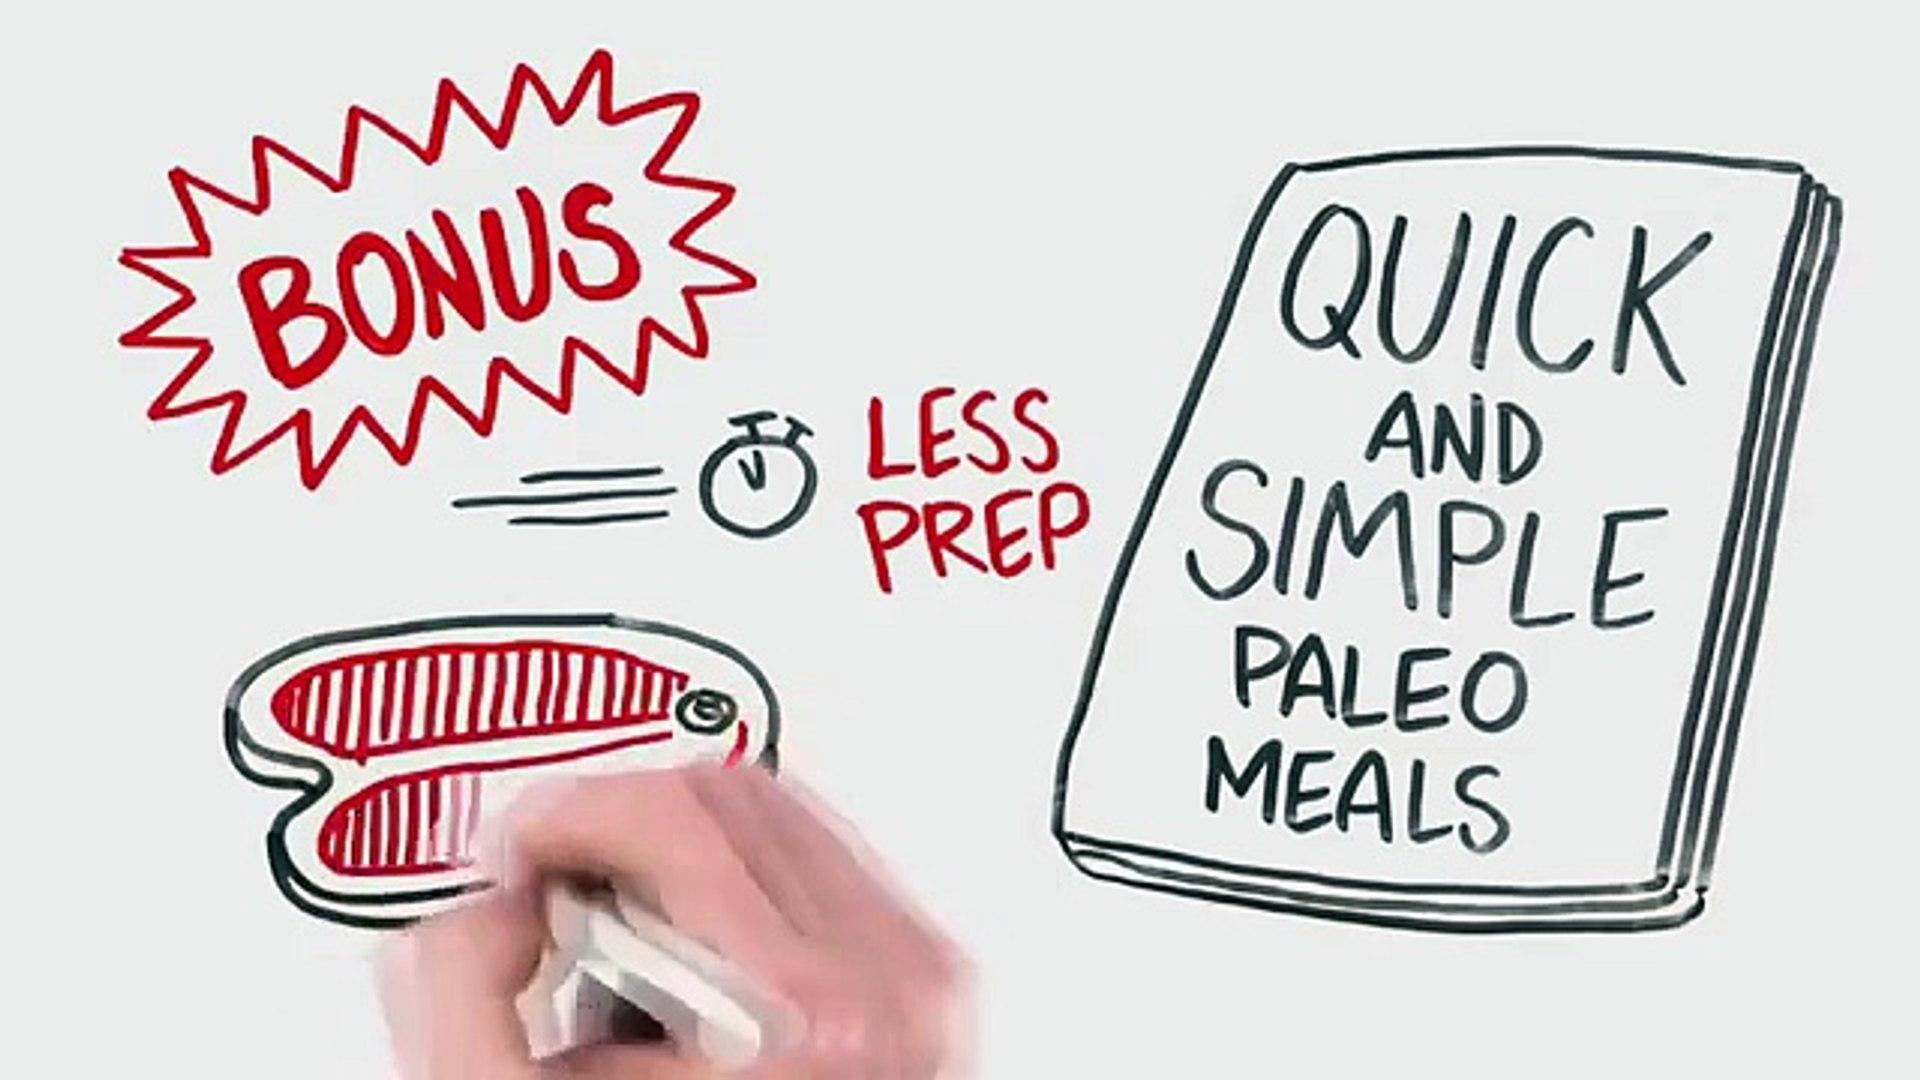 Paleo diet recipe - Paleo recipe book - paleo diet plan 82923